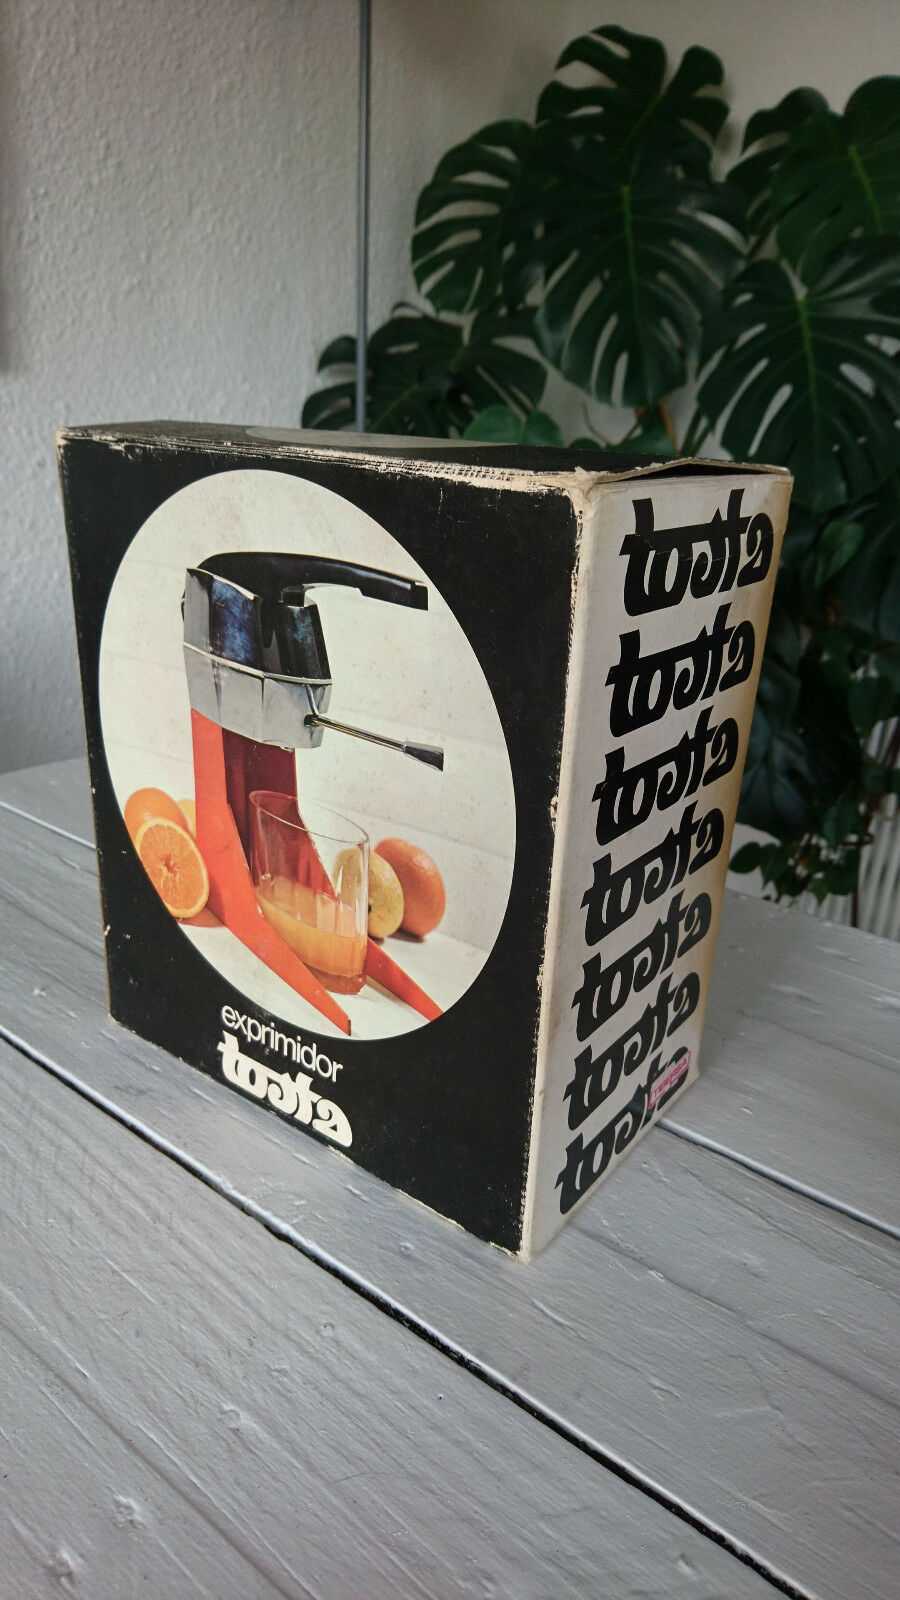 Presse Agrumes Exprimidor Industrial Design Space Age Plastic Orange Orange Orange vintage1970 99c7e5